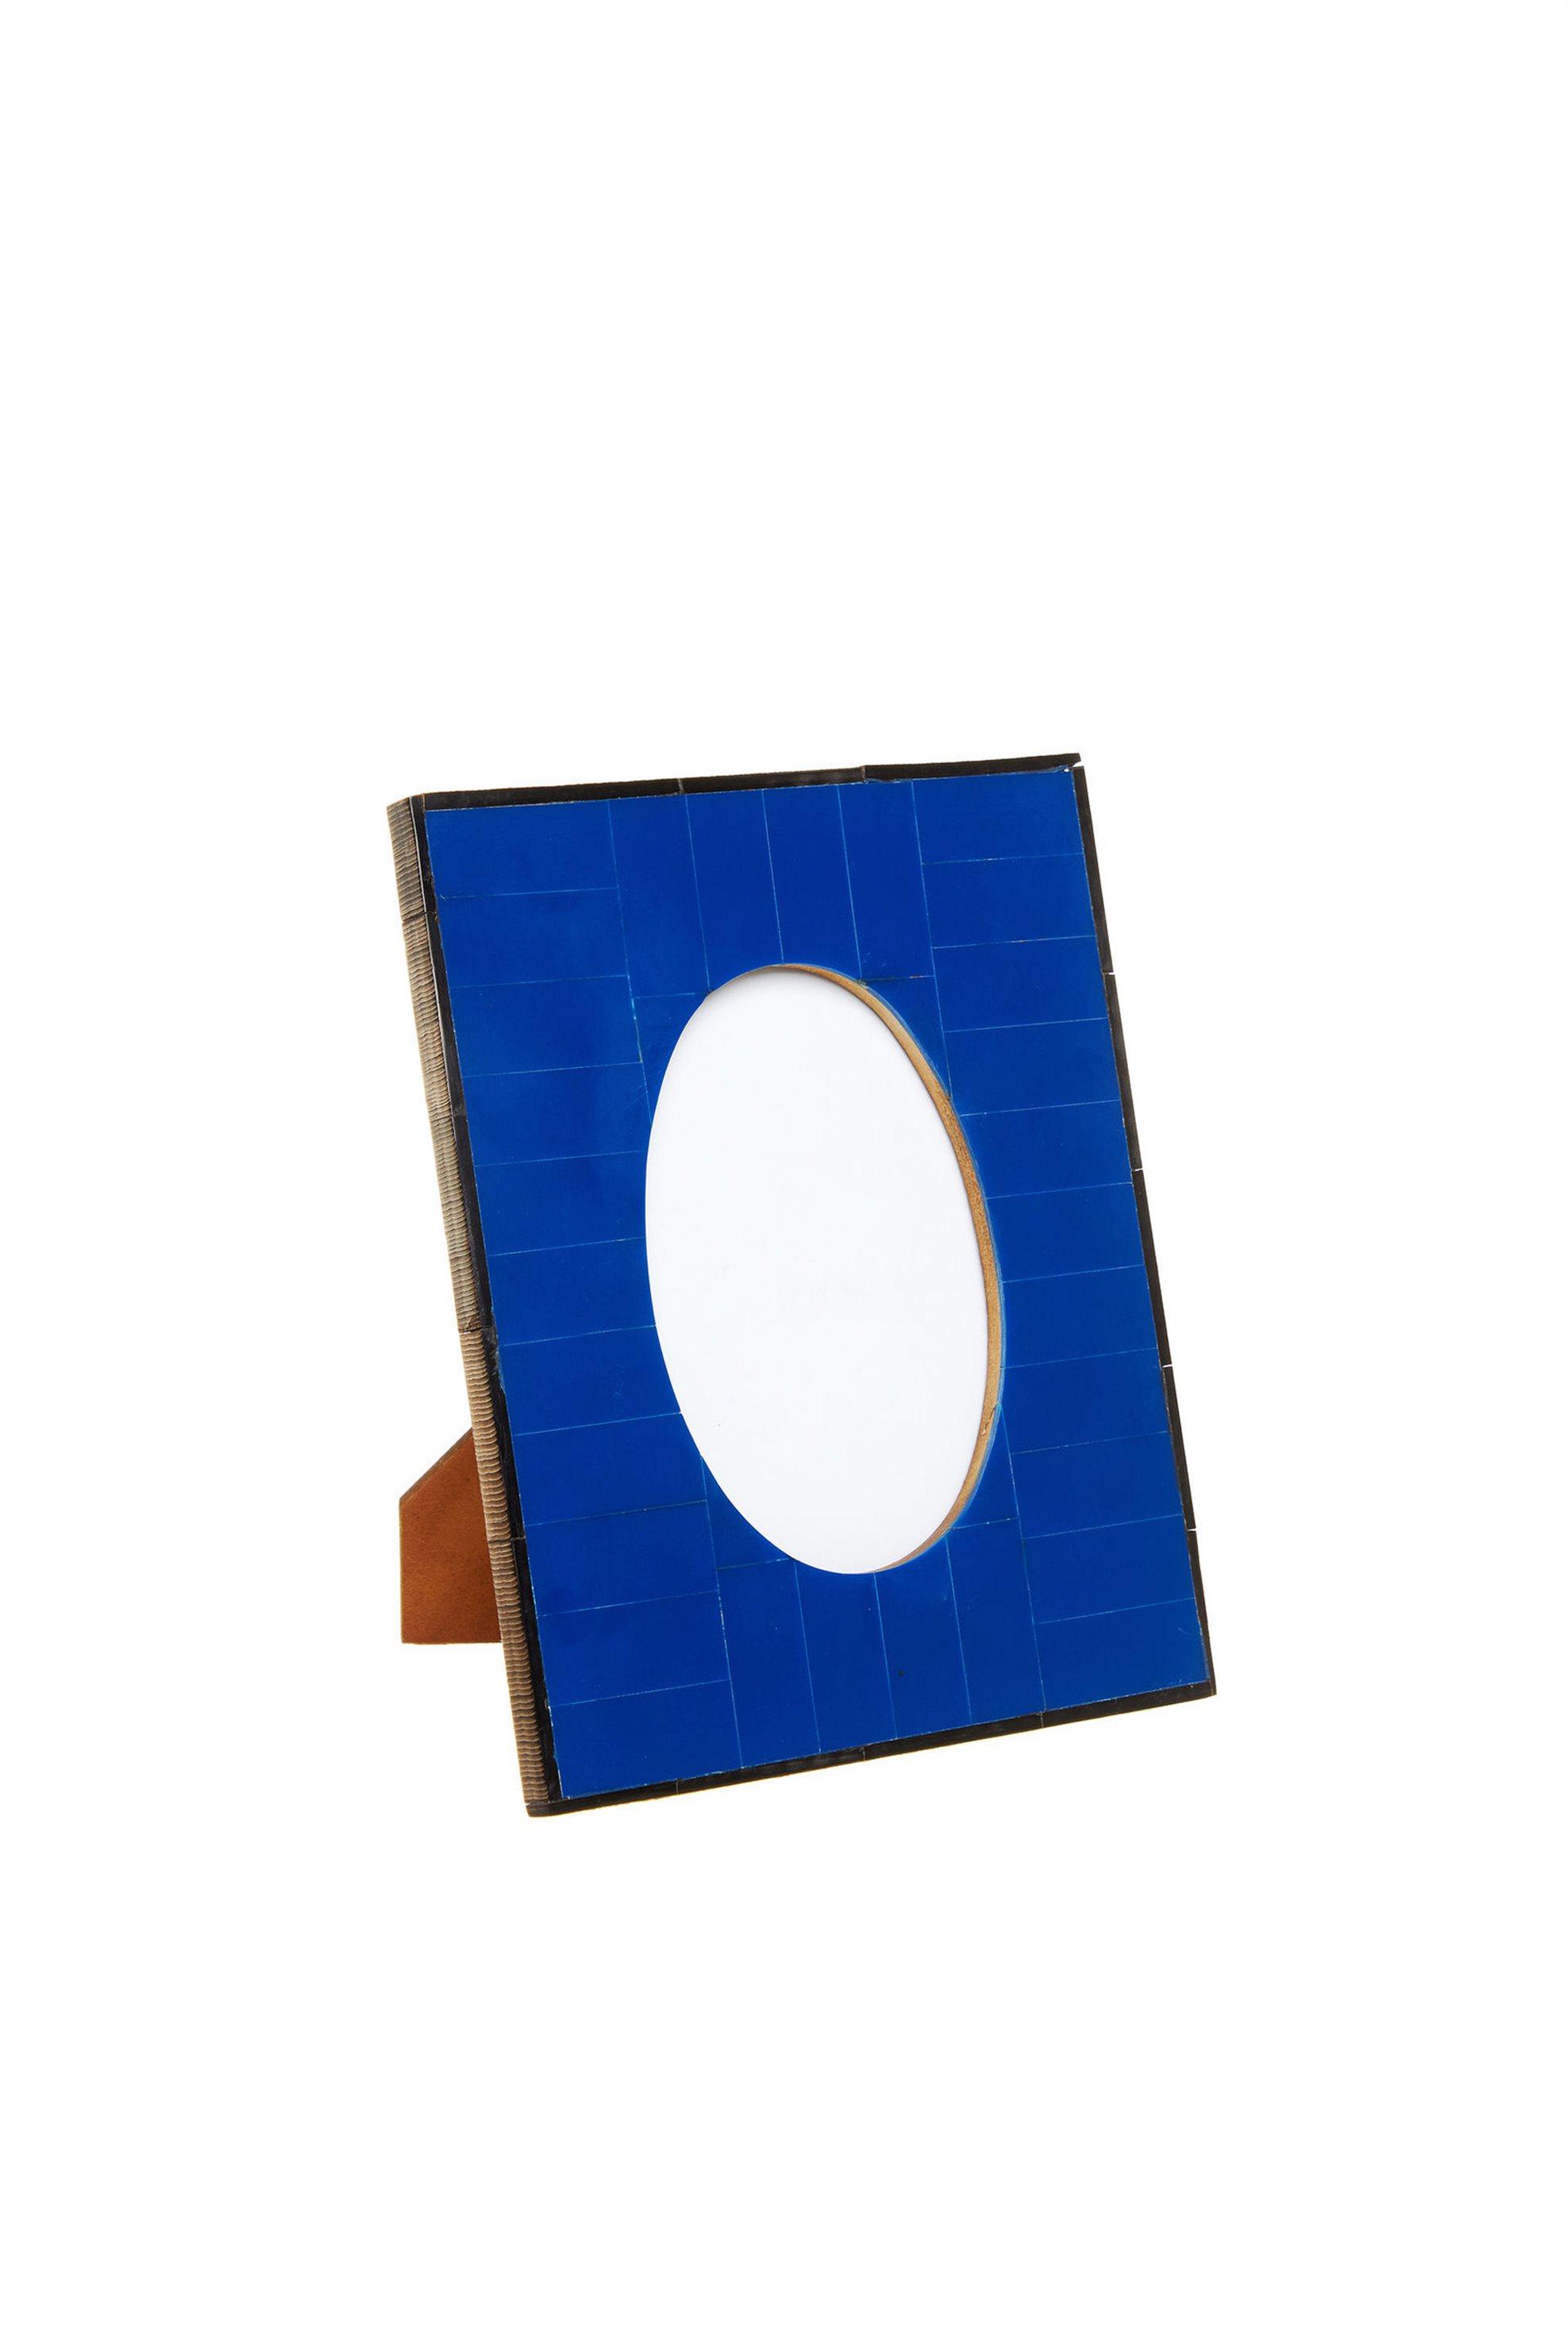 Κορνίζα με πλαίσιο από χρωματιστό κόκκαλο 15x10 Coincasa - 005621294 - Μπλε home   σαλονι   κορνίζες